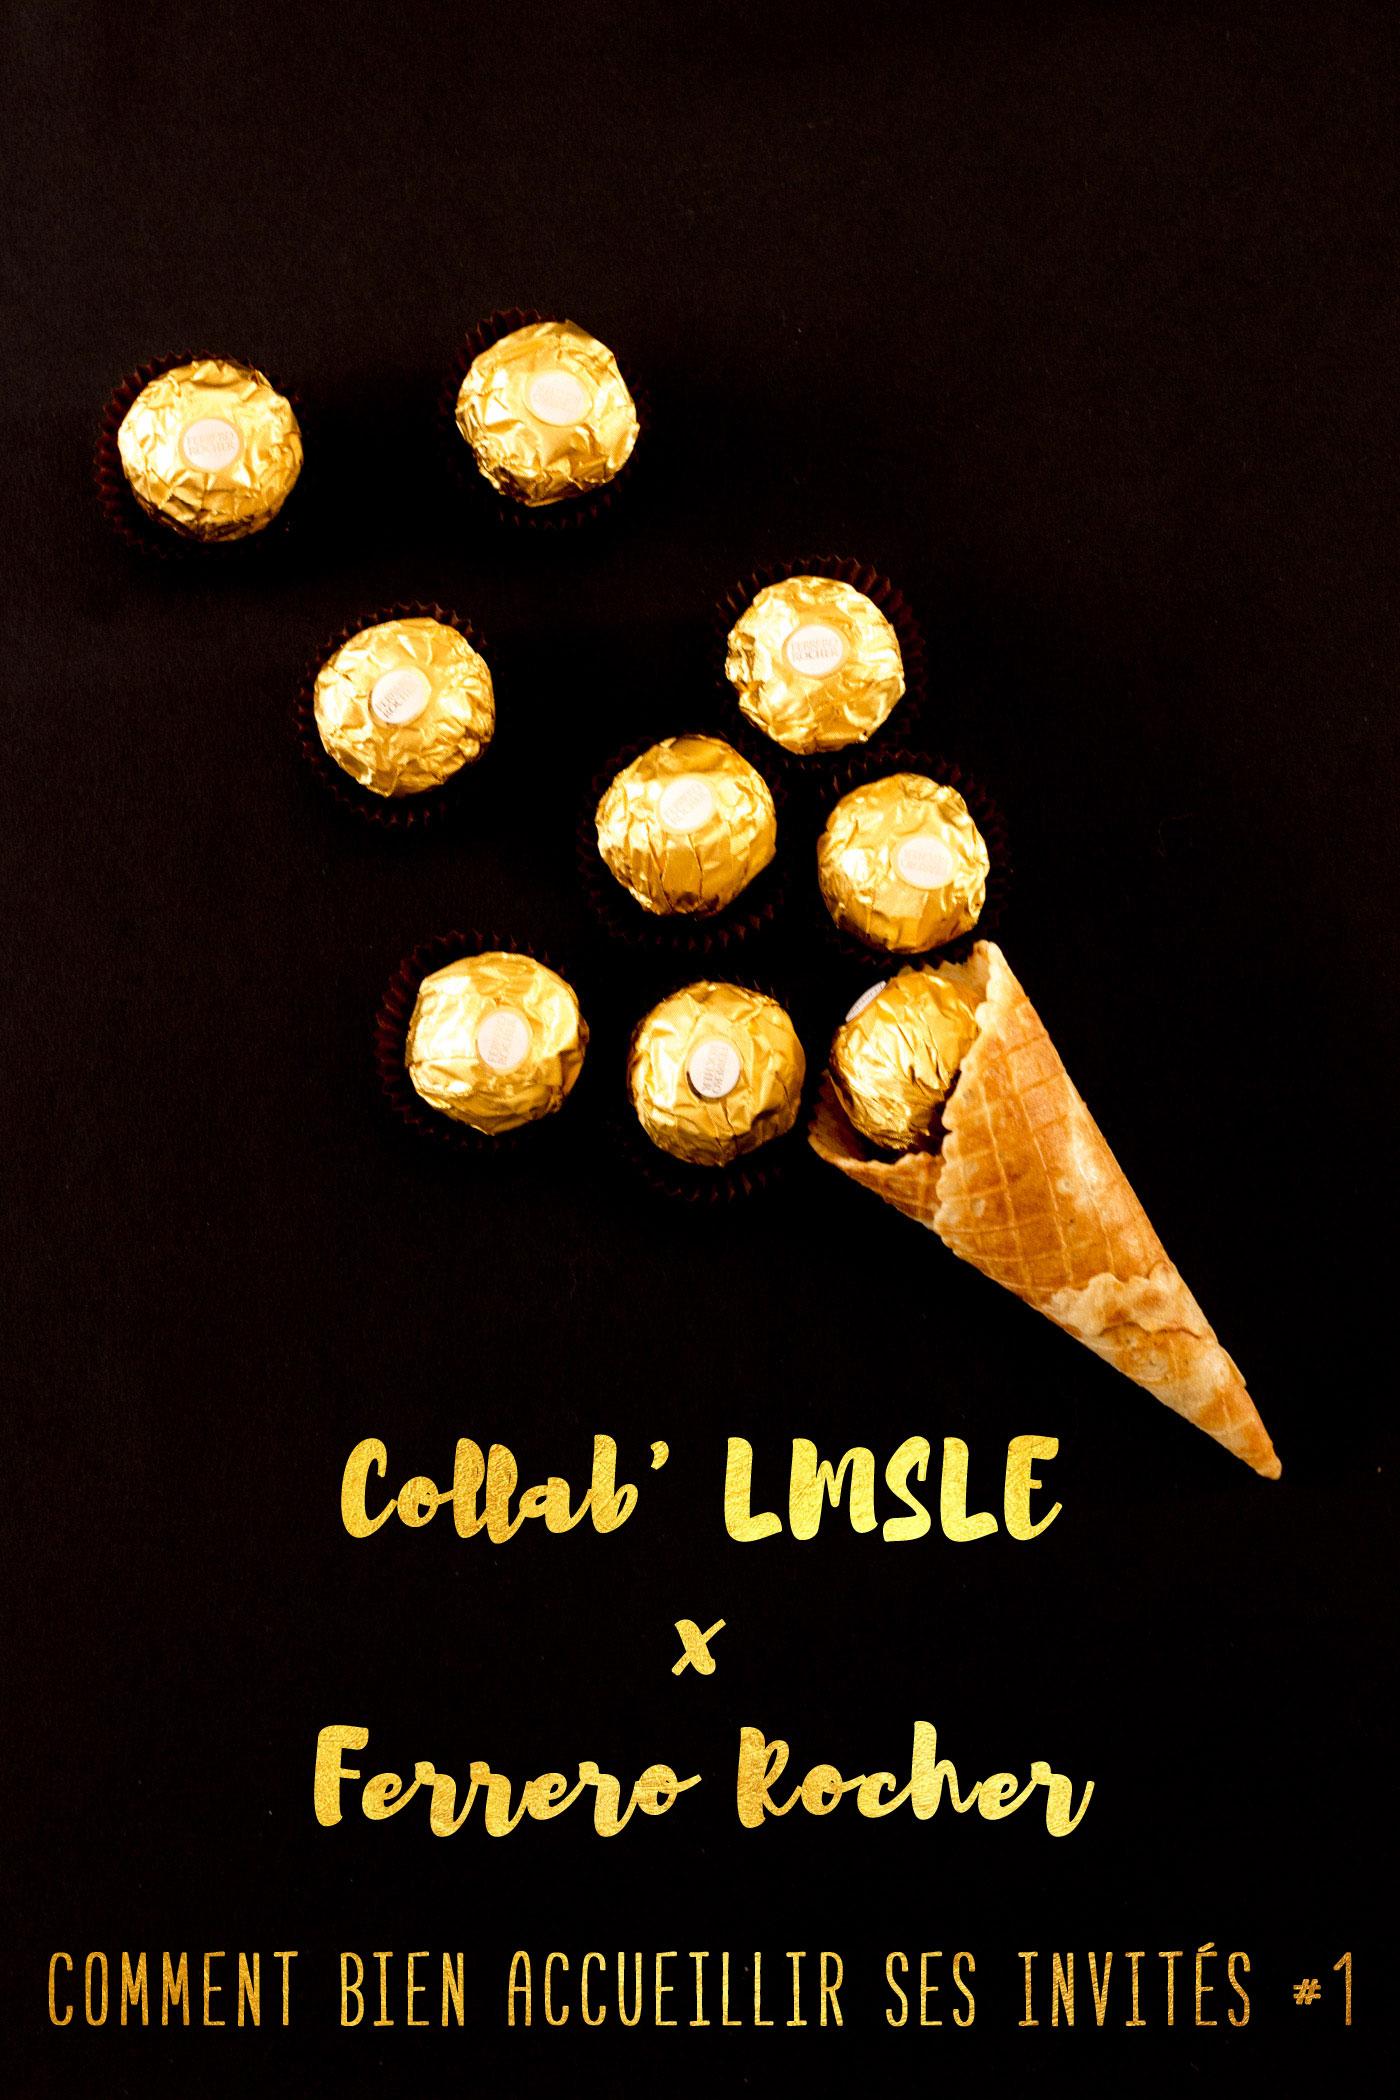 Comment bien accueillir ses invités - Ma collab' LMSLE x Ferrero Rocher | Crédit La Mariée Sous Les Etoiles | Blog mariage & Do it Yourself